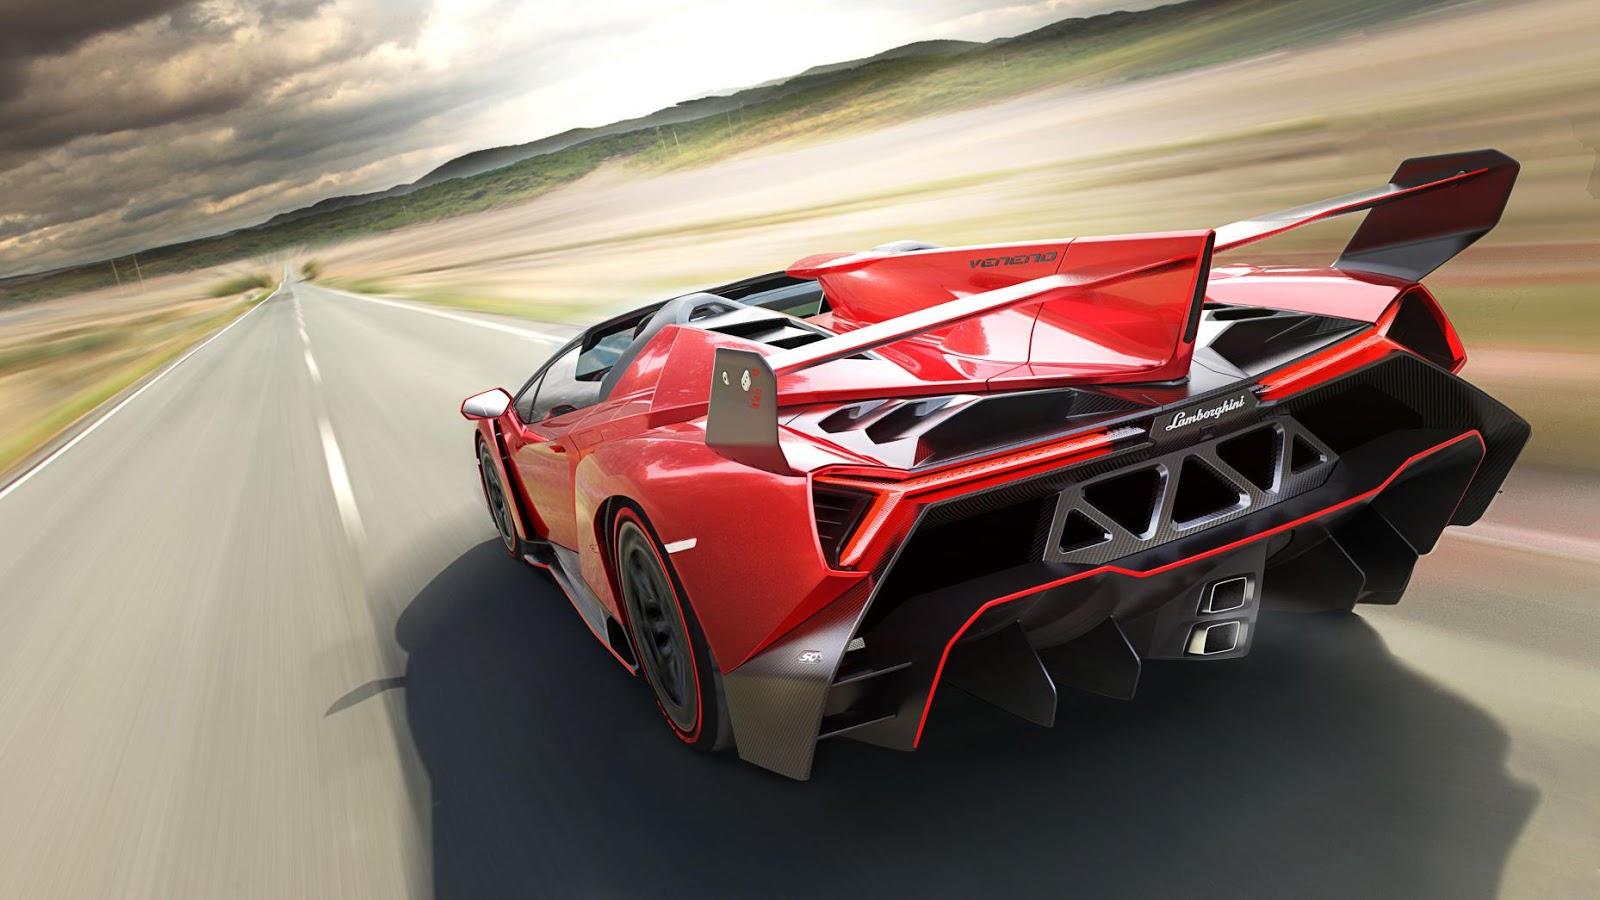 Lamborghini Veneno Roadster là một trong những siêu phẩm vừa đẹp mặt vừa đẹp mông